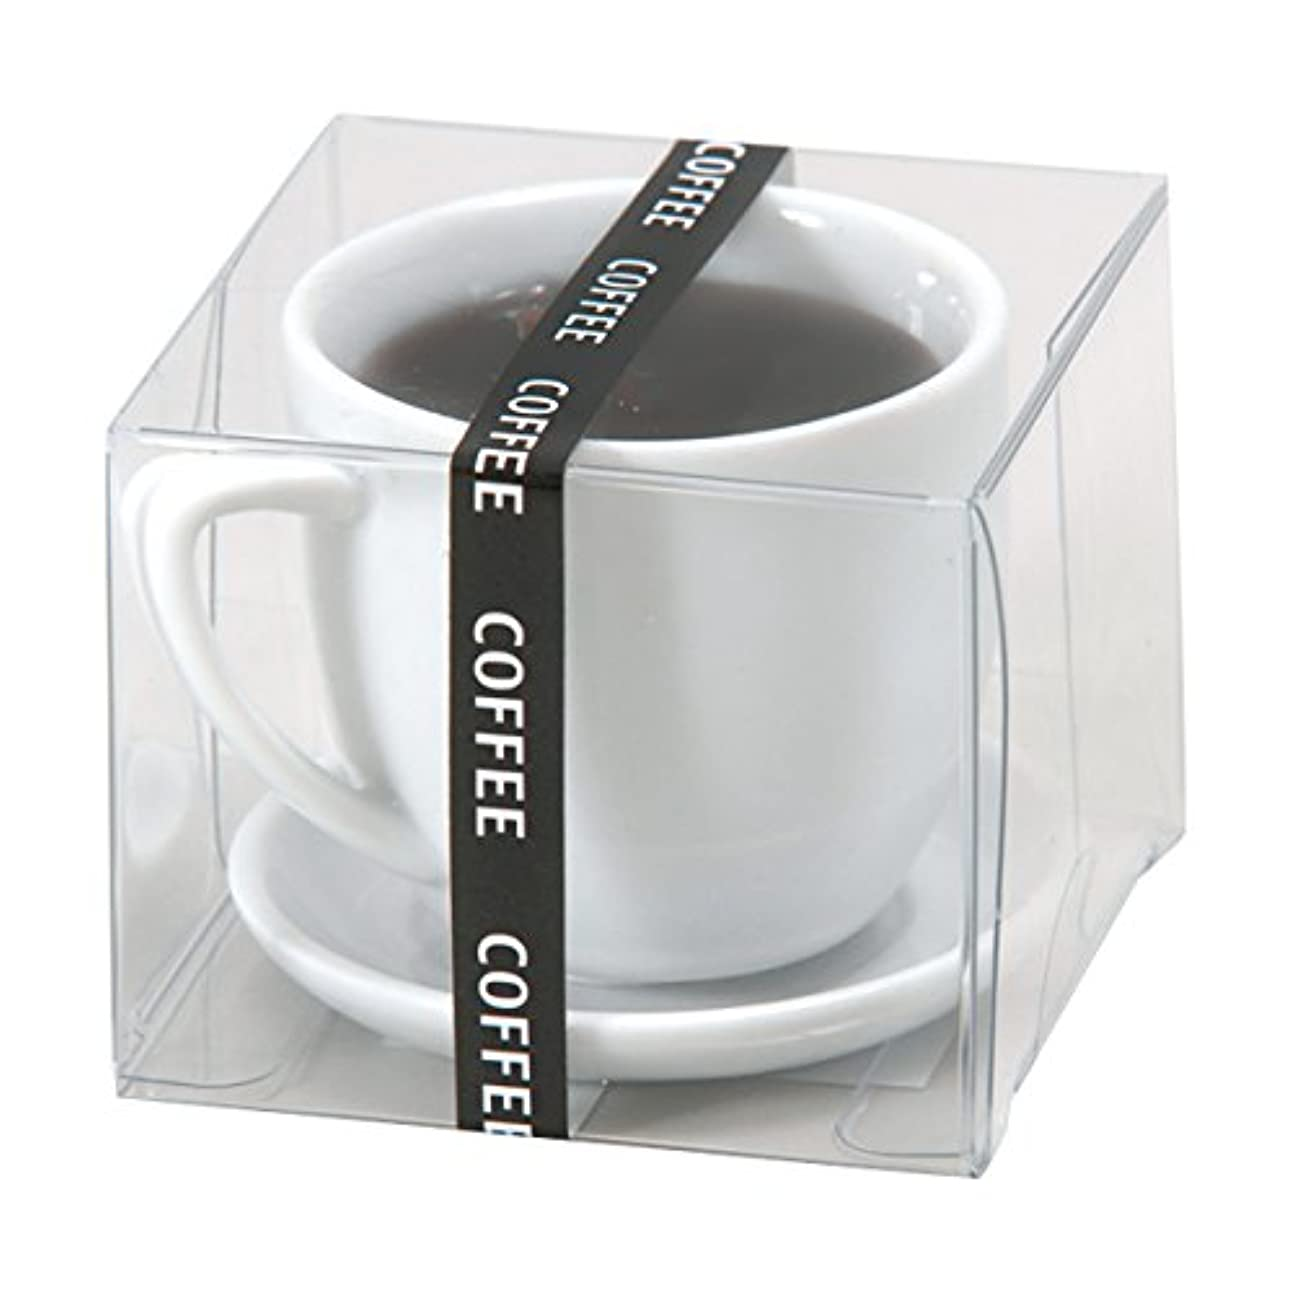 シャーロットブロンテ化合物アストロラーベホットコーヒー ローソク